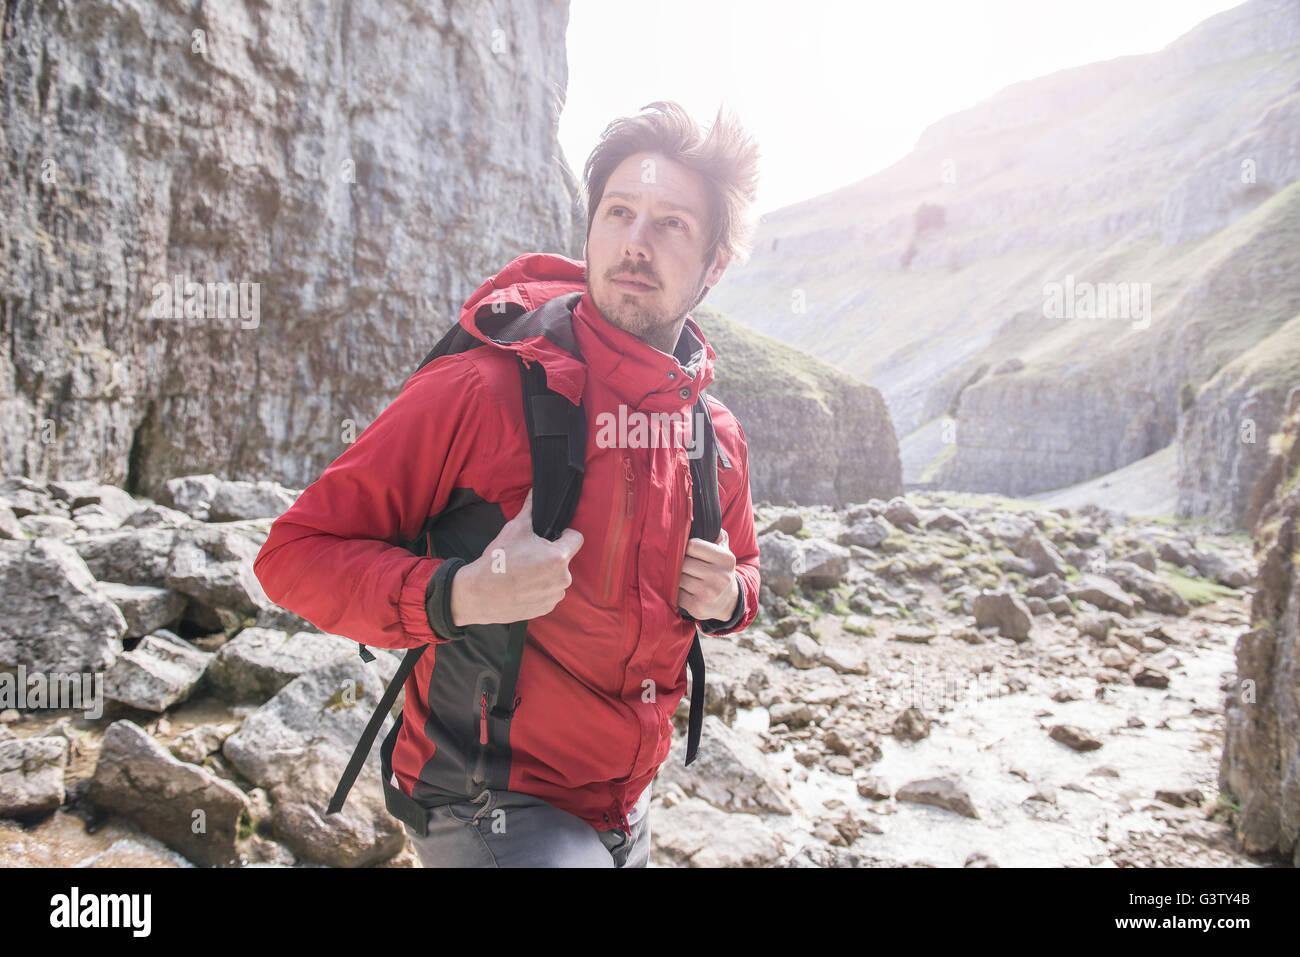 Un scalatore con uno zaino in piedi in un terreno accidentato. Immagini Stock